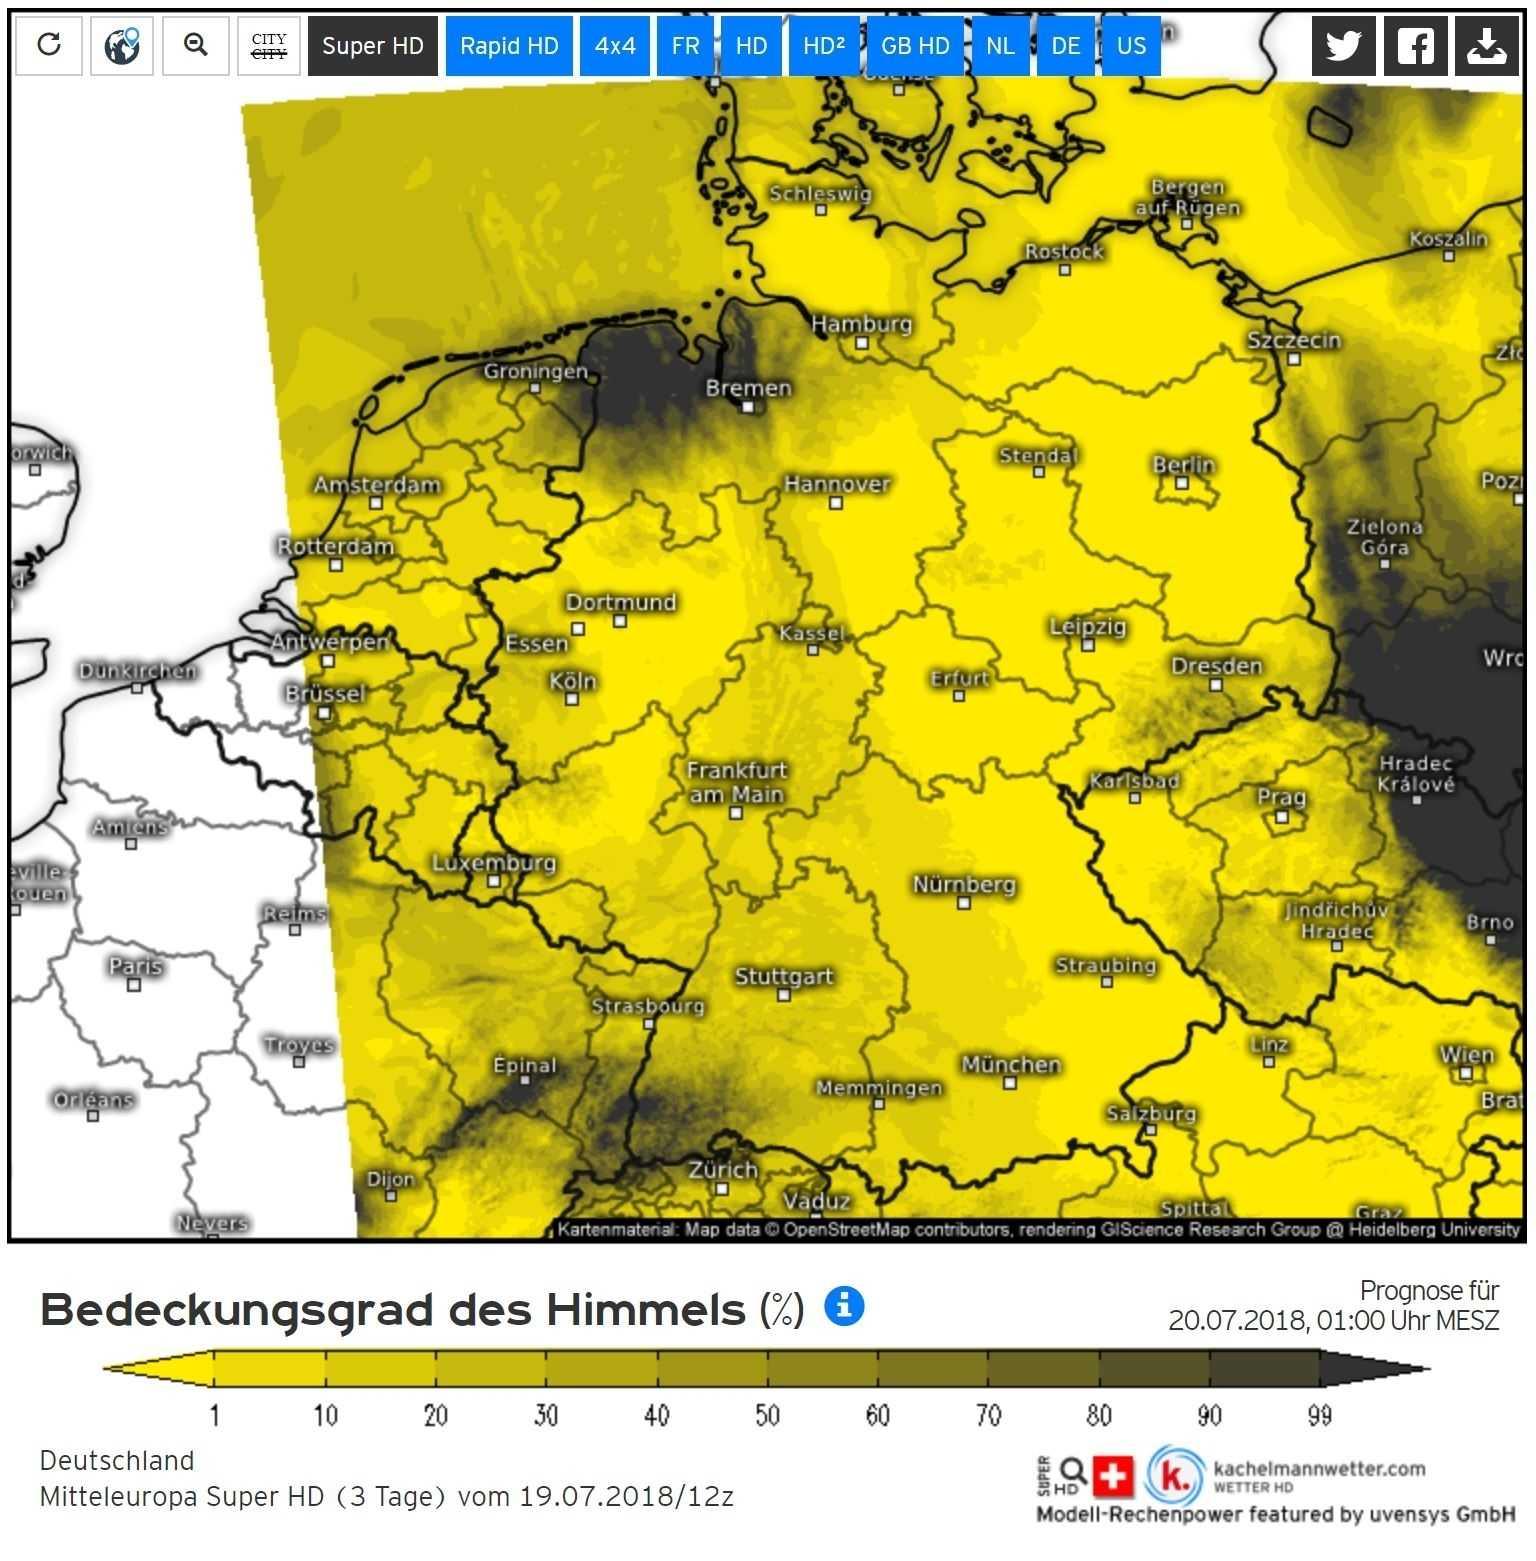 Bedeckungsgrad des Himmels in % des Mitteleuropa Super HD Modell.